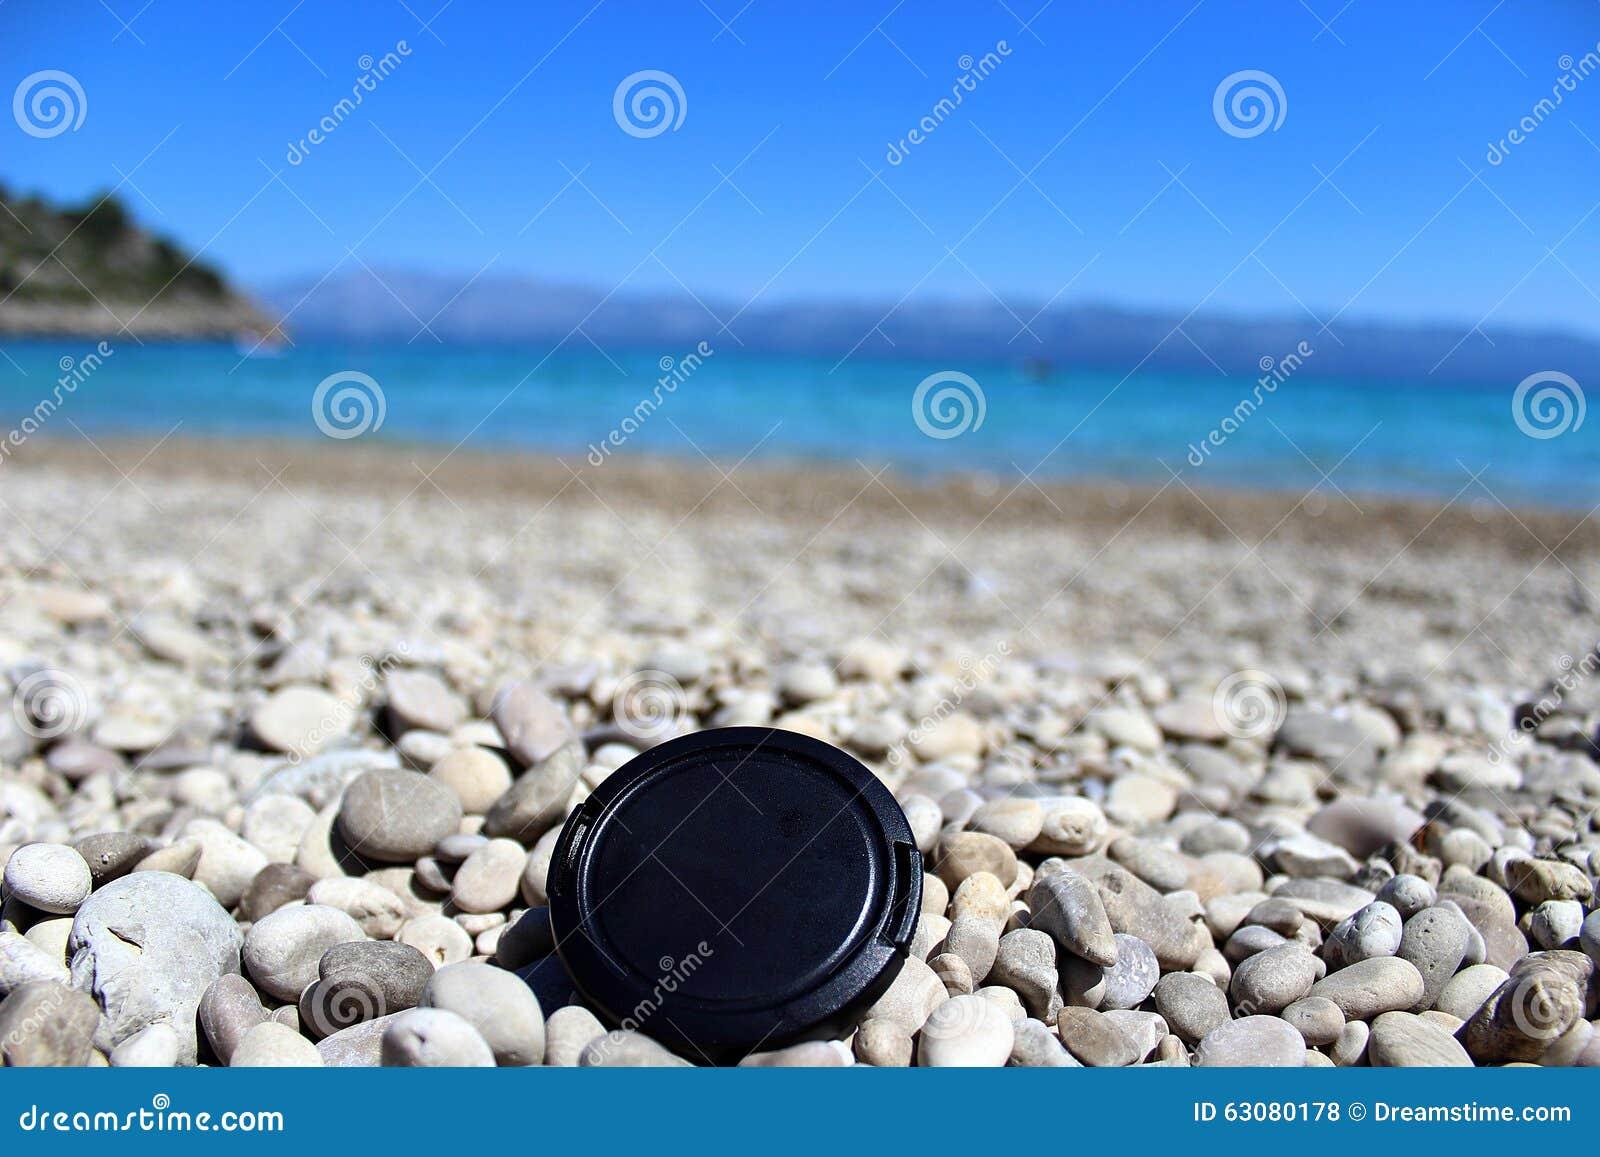 Download Couverture sur la plage photo stock. Image du gravoir - 63080178